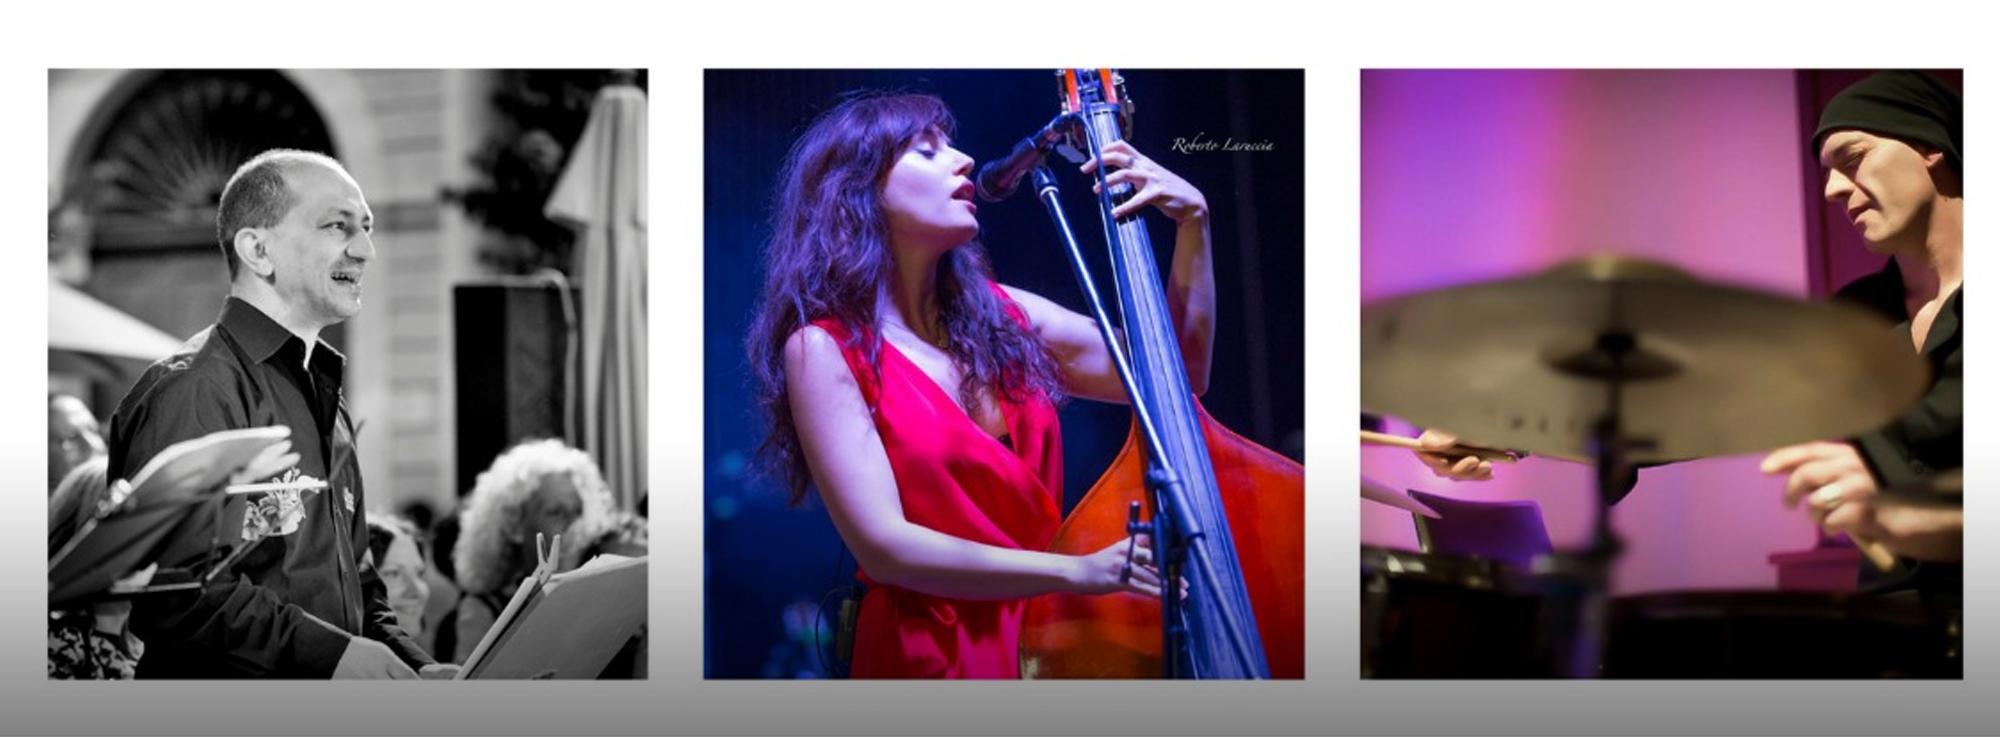 Mola di Bari: Verdi in Jazz